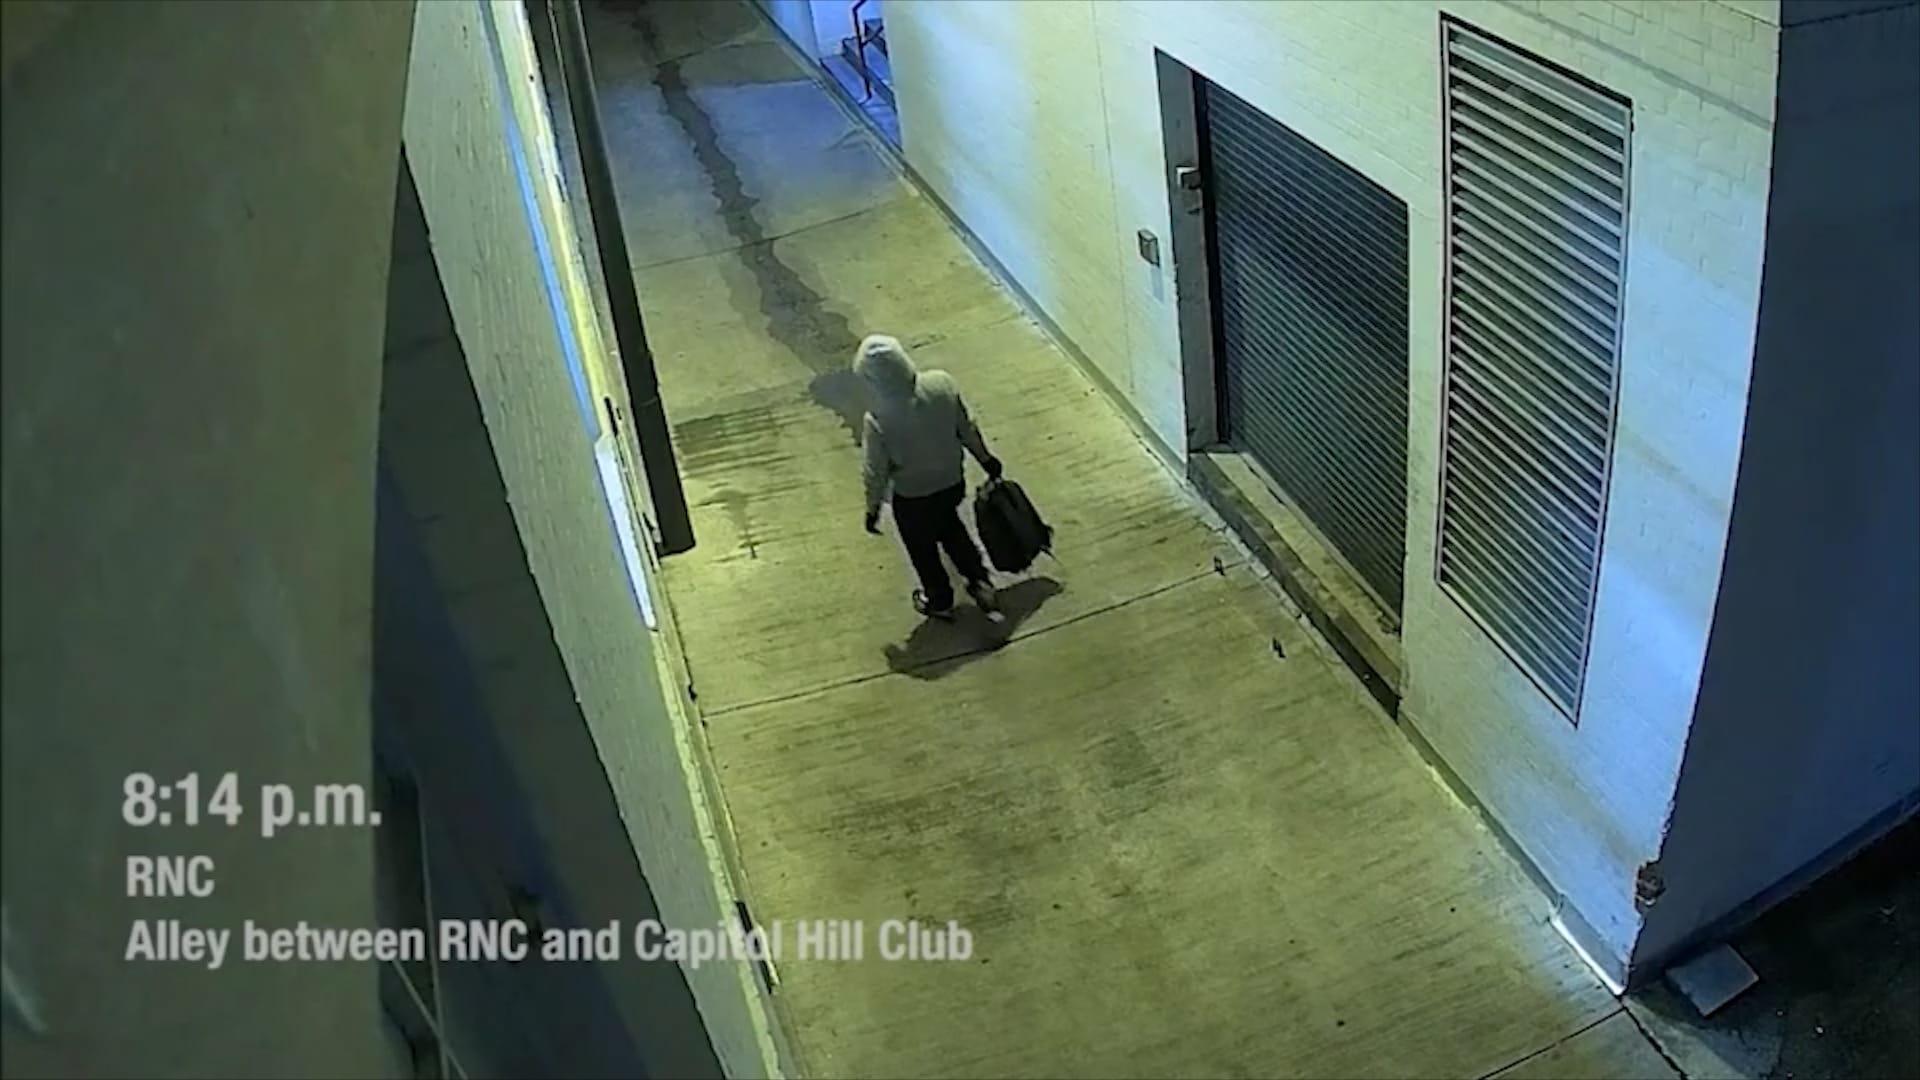 مكتب التحقيقات الفيدرالي ينشر مقاطع فيديو لشخص يضع قنابل أنبوبية قبيل اقتحام الكونغرس